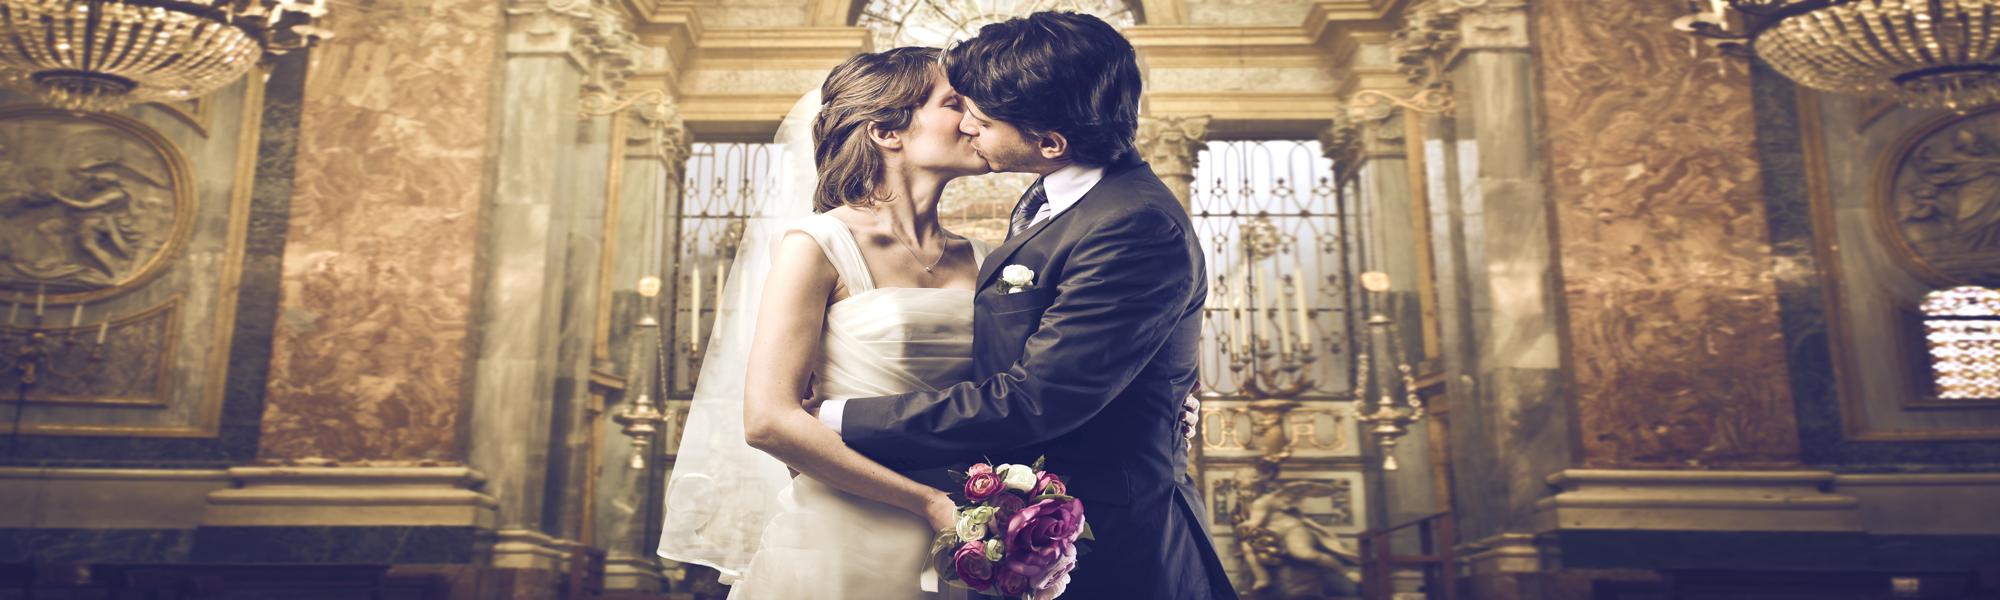 Hochzeit in Venedig planen